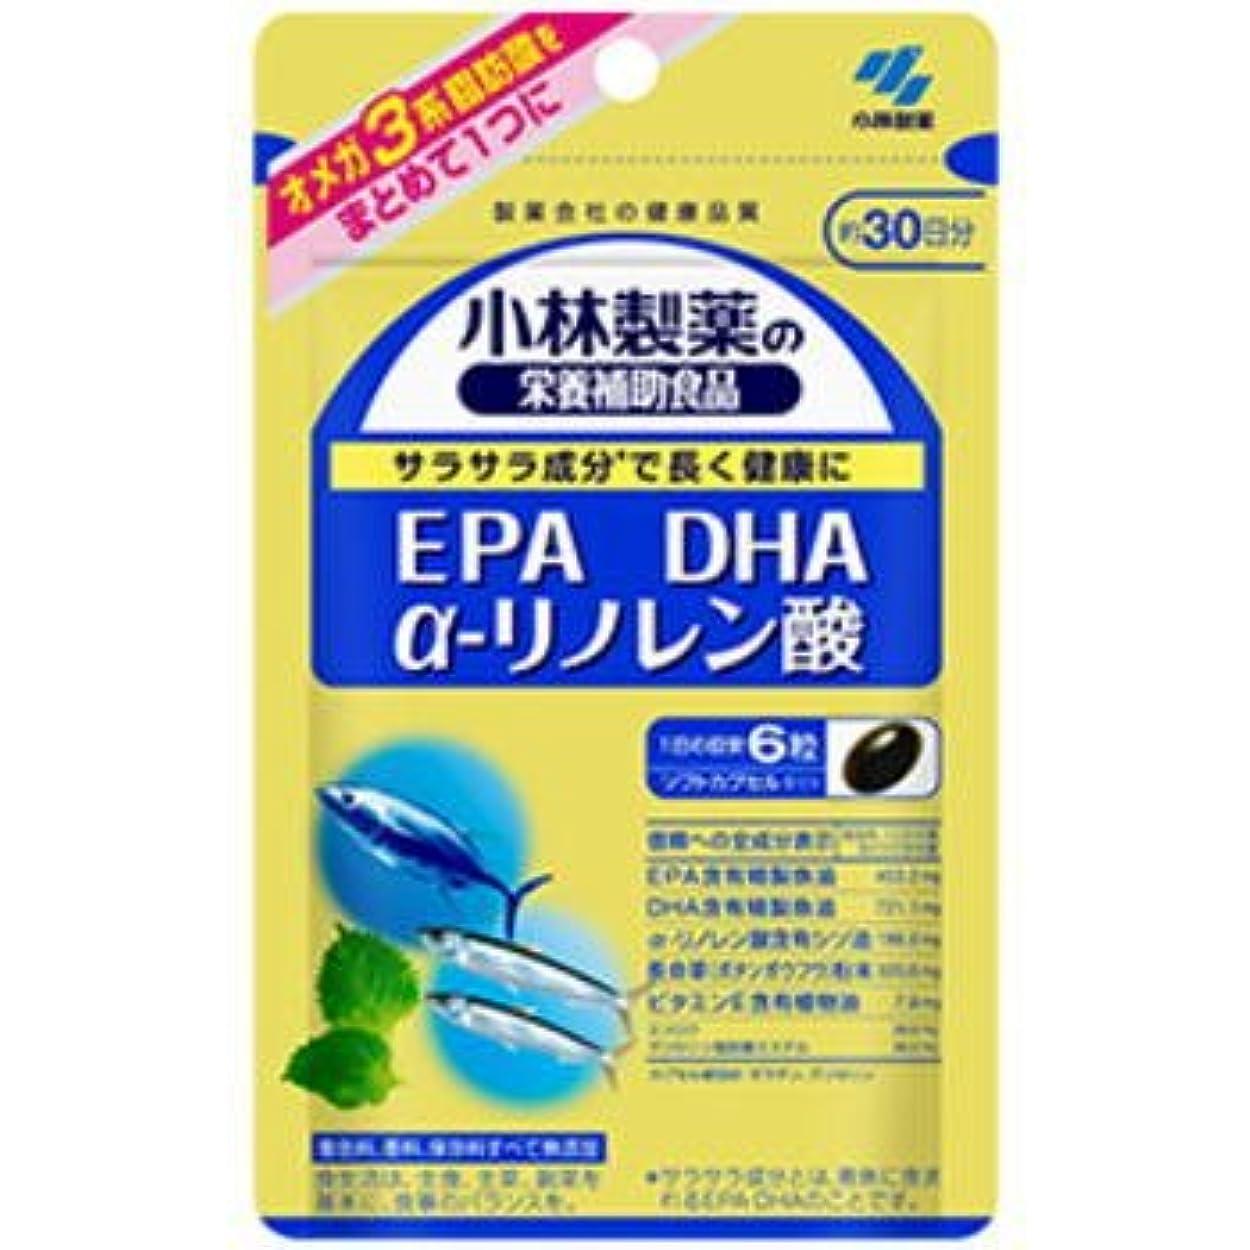 足音敬な合併症小林製薬 EPA DHA α-リノレン酸 180粒×3個セット【ネコポス発送】